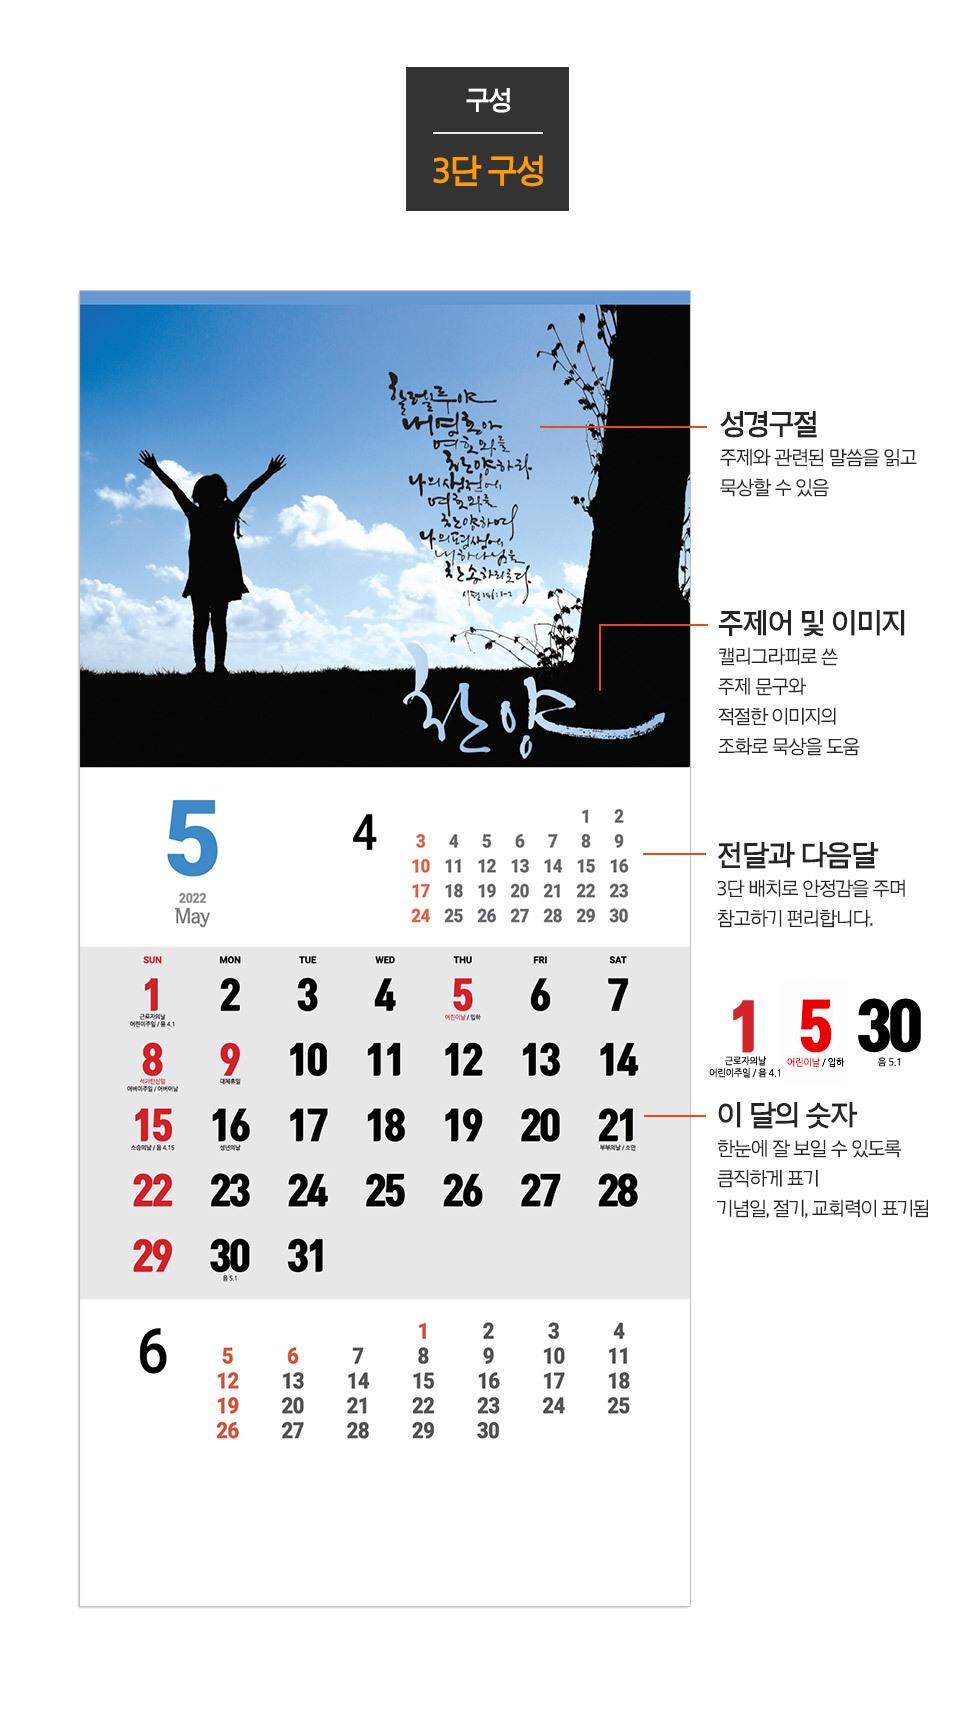 2022년 벽걸이달력 하나님의 사람아 - 3단 달력 특징